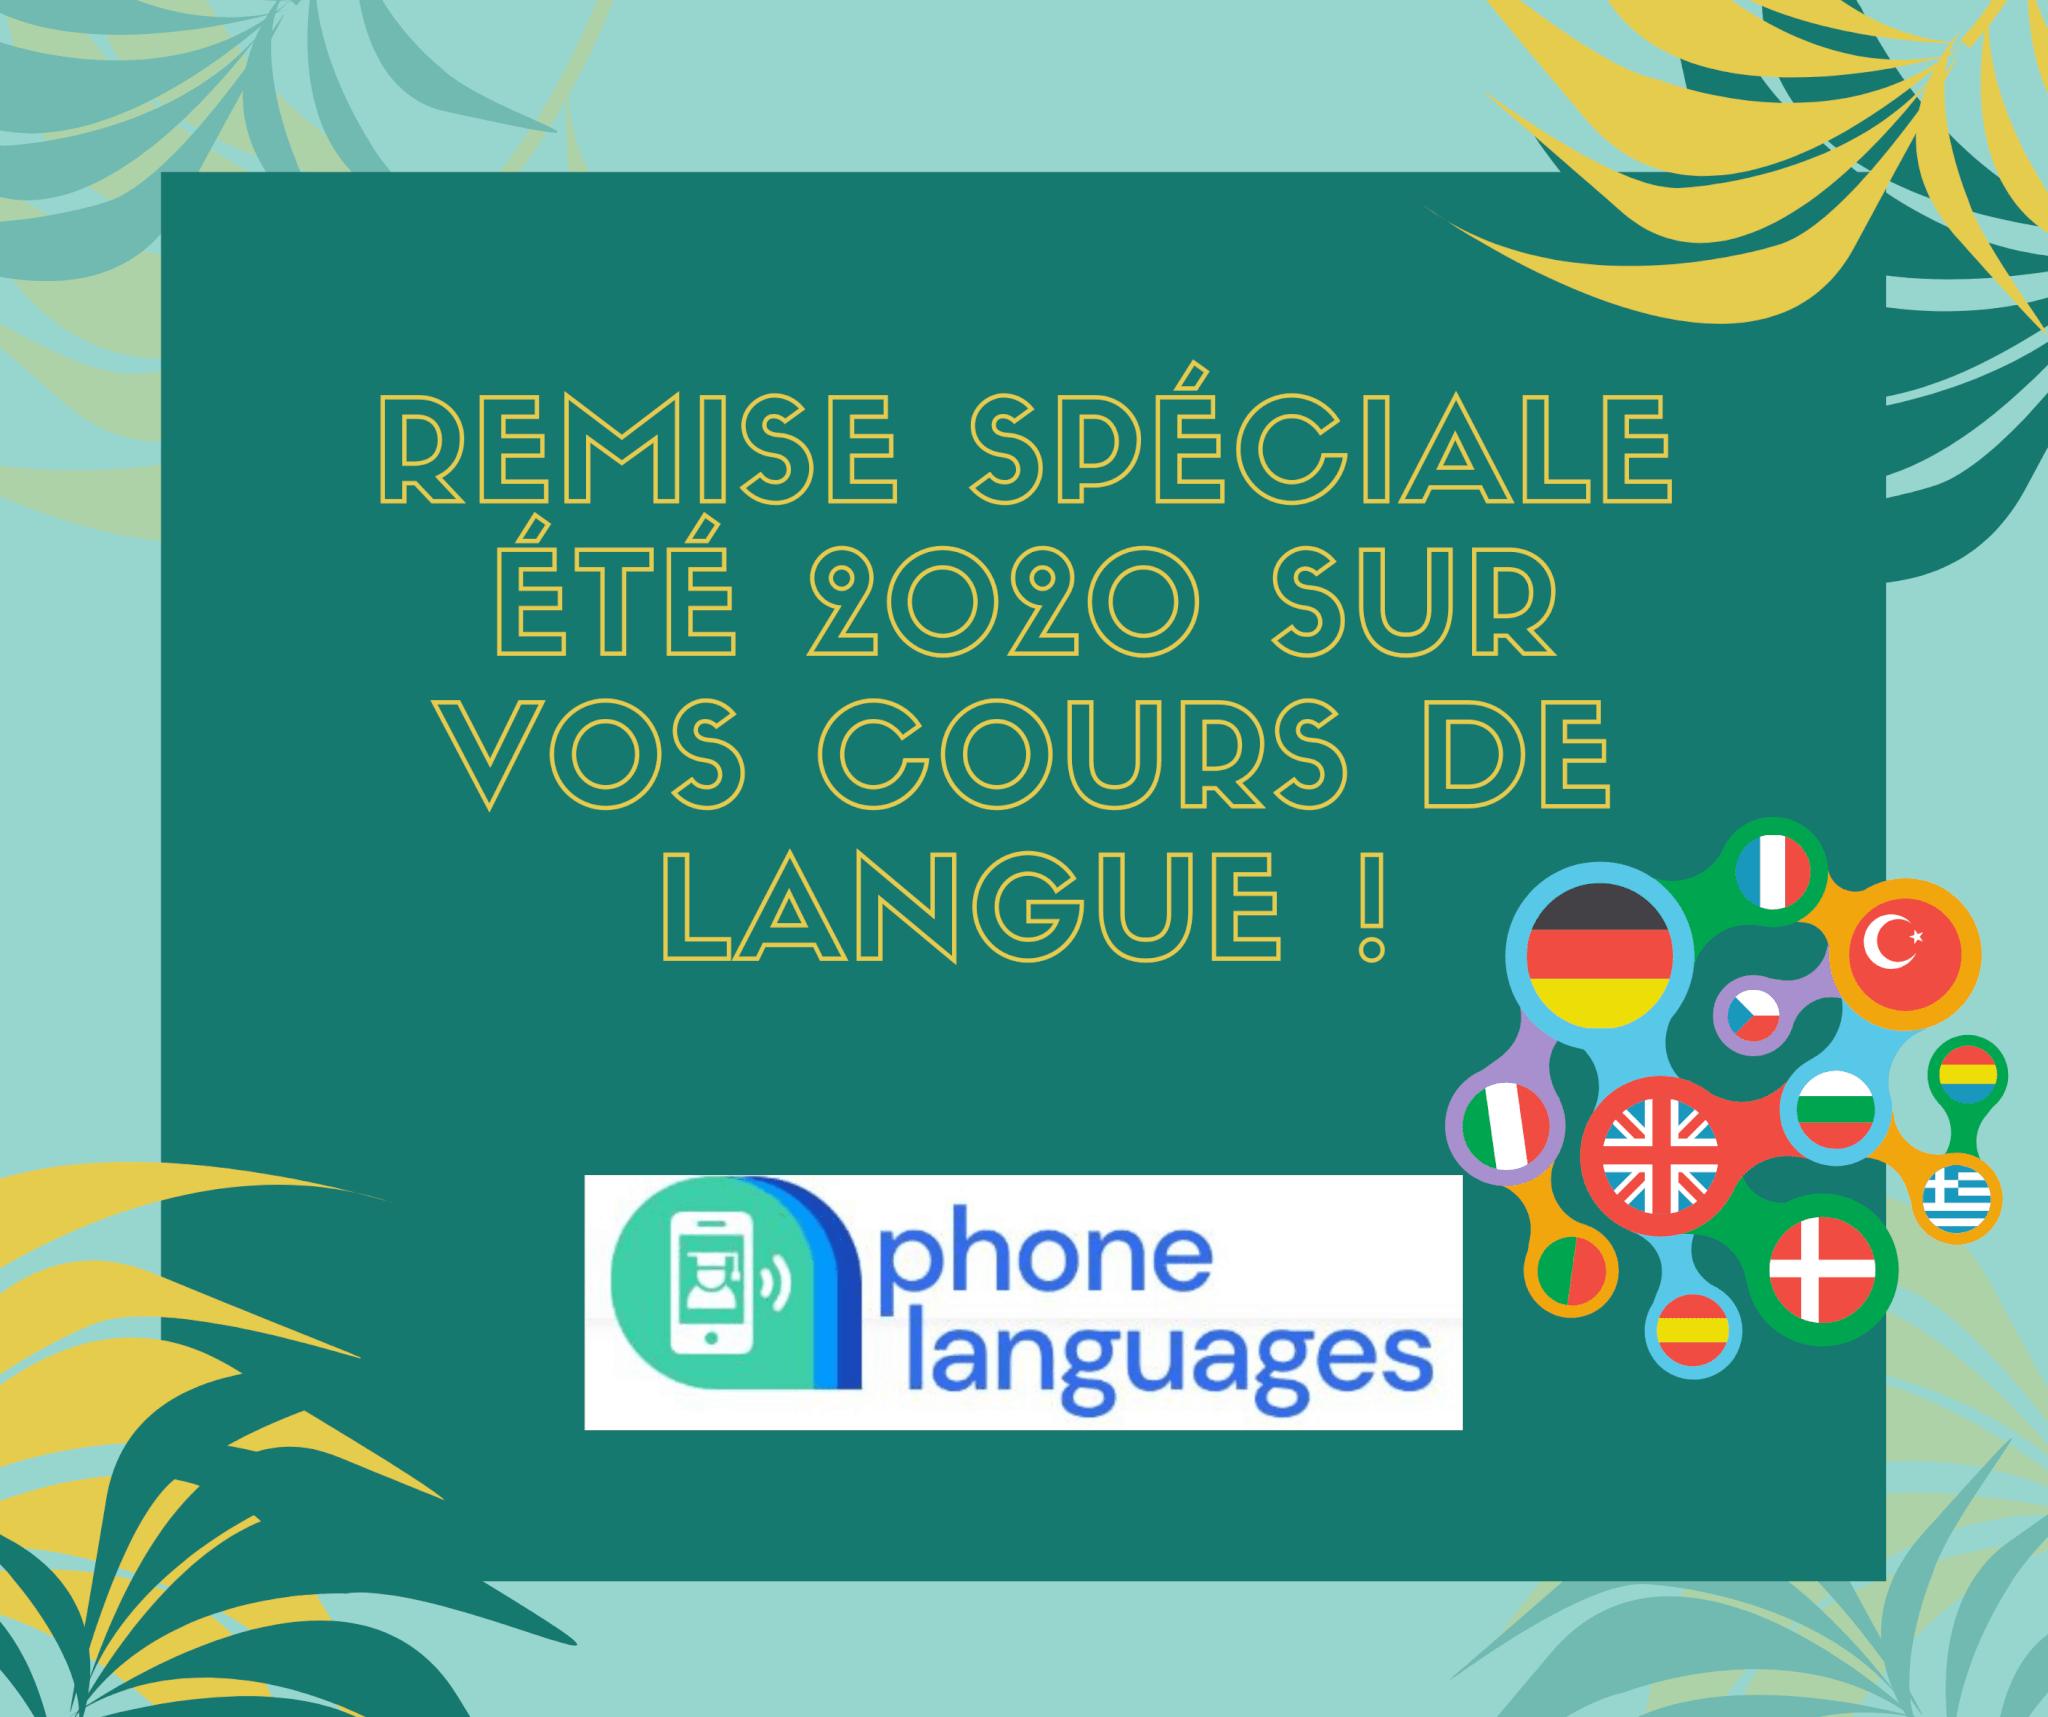 Remise spéciale été 2020 sur vos cours de langue !